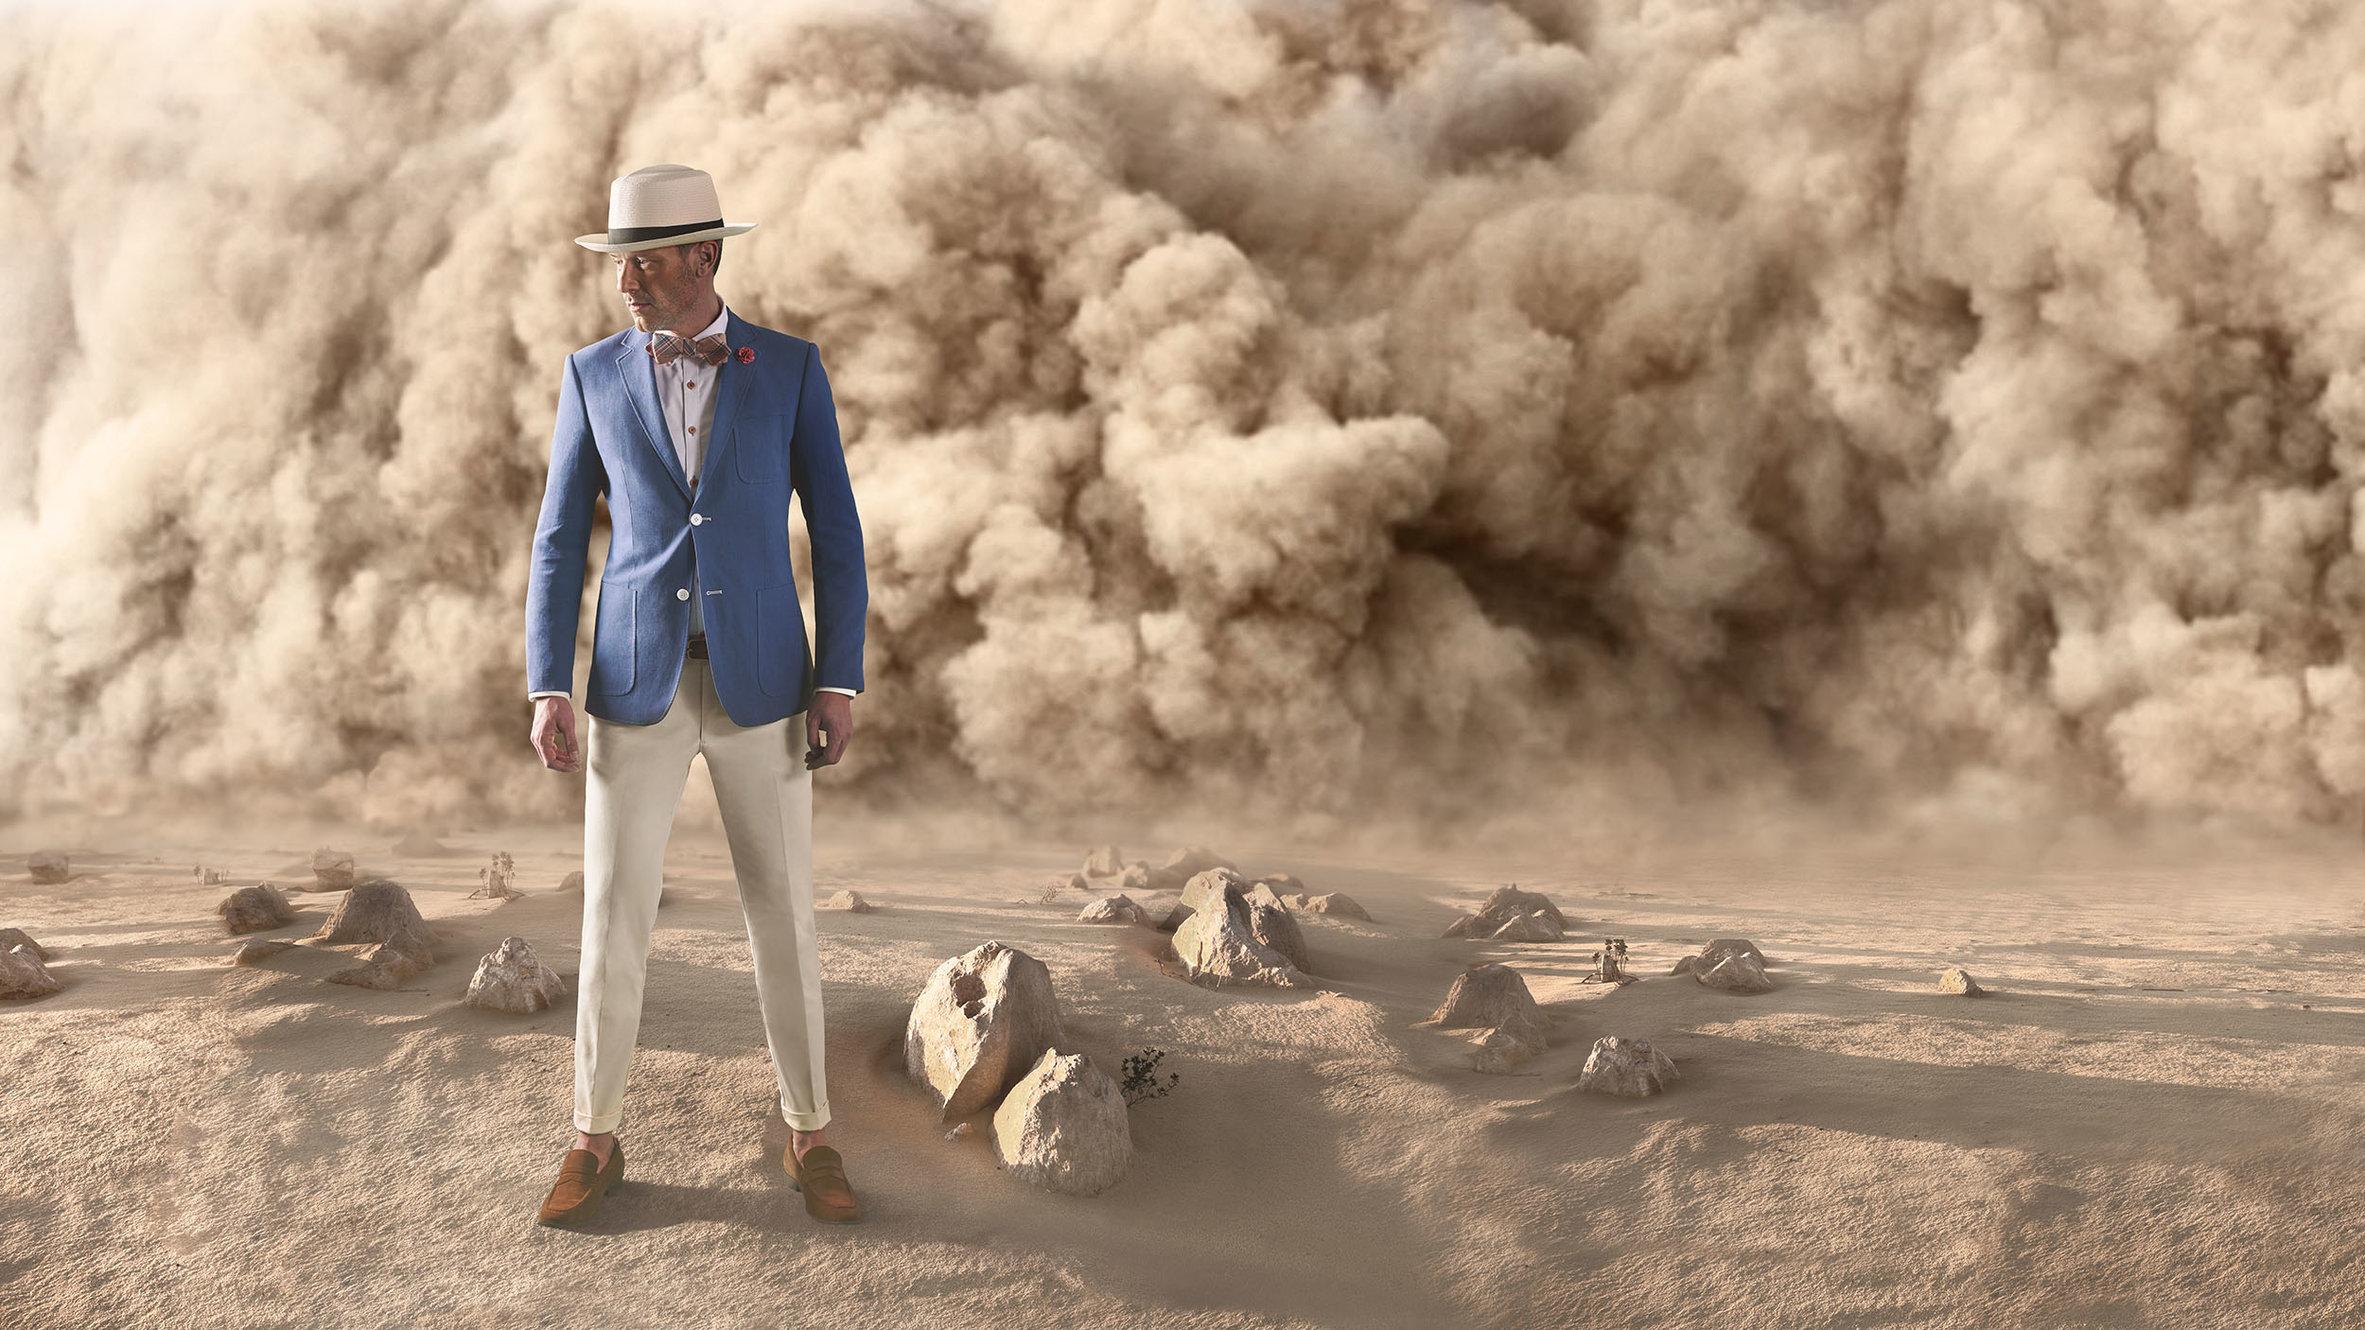 Sandstorm, Still. (2 of 3)